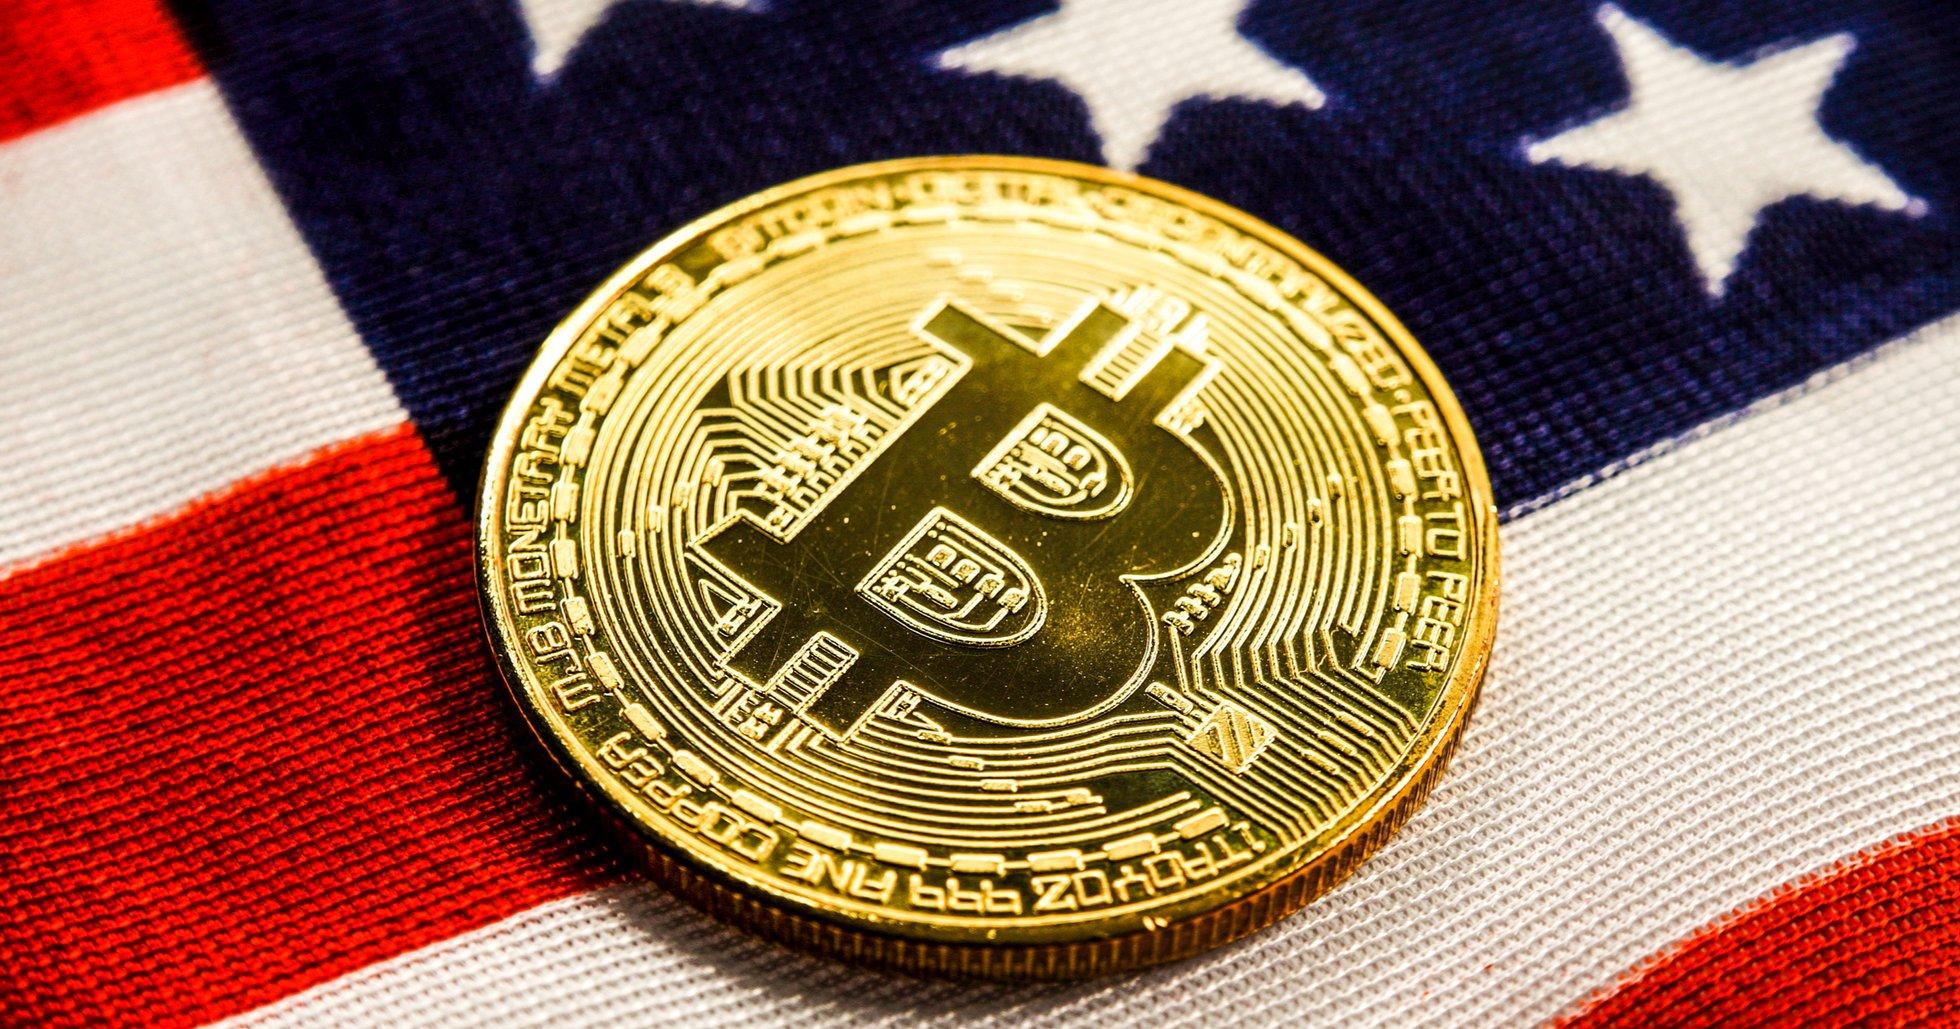 Antalet amerikaner som äger kryptovalutor har fördubblats under 2019.